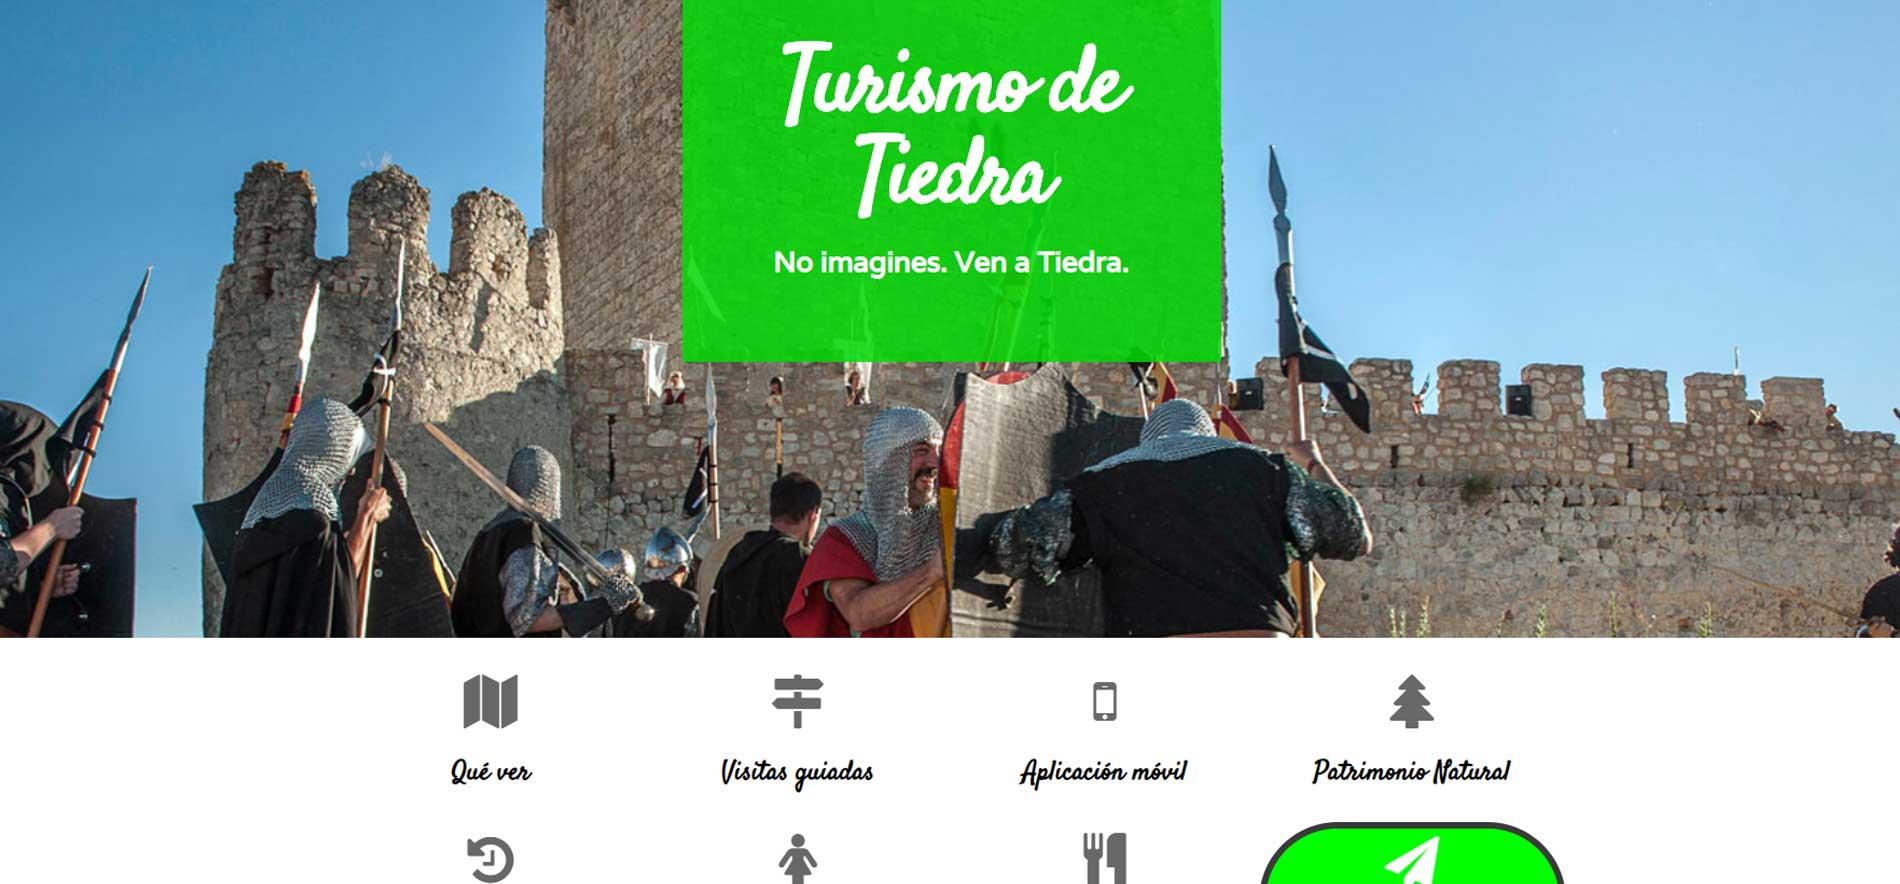 Turismo de Tiedra - Portfolio Protocultura